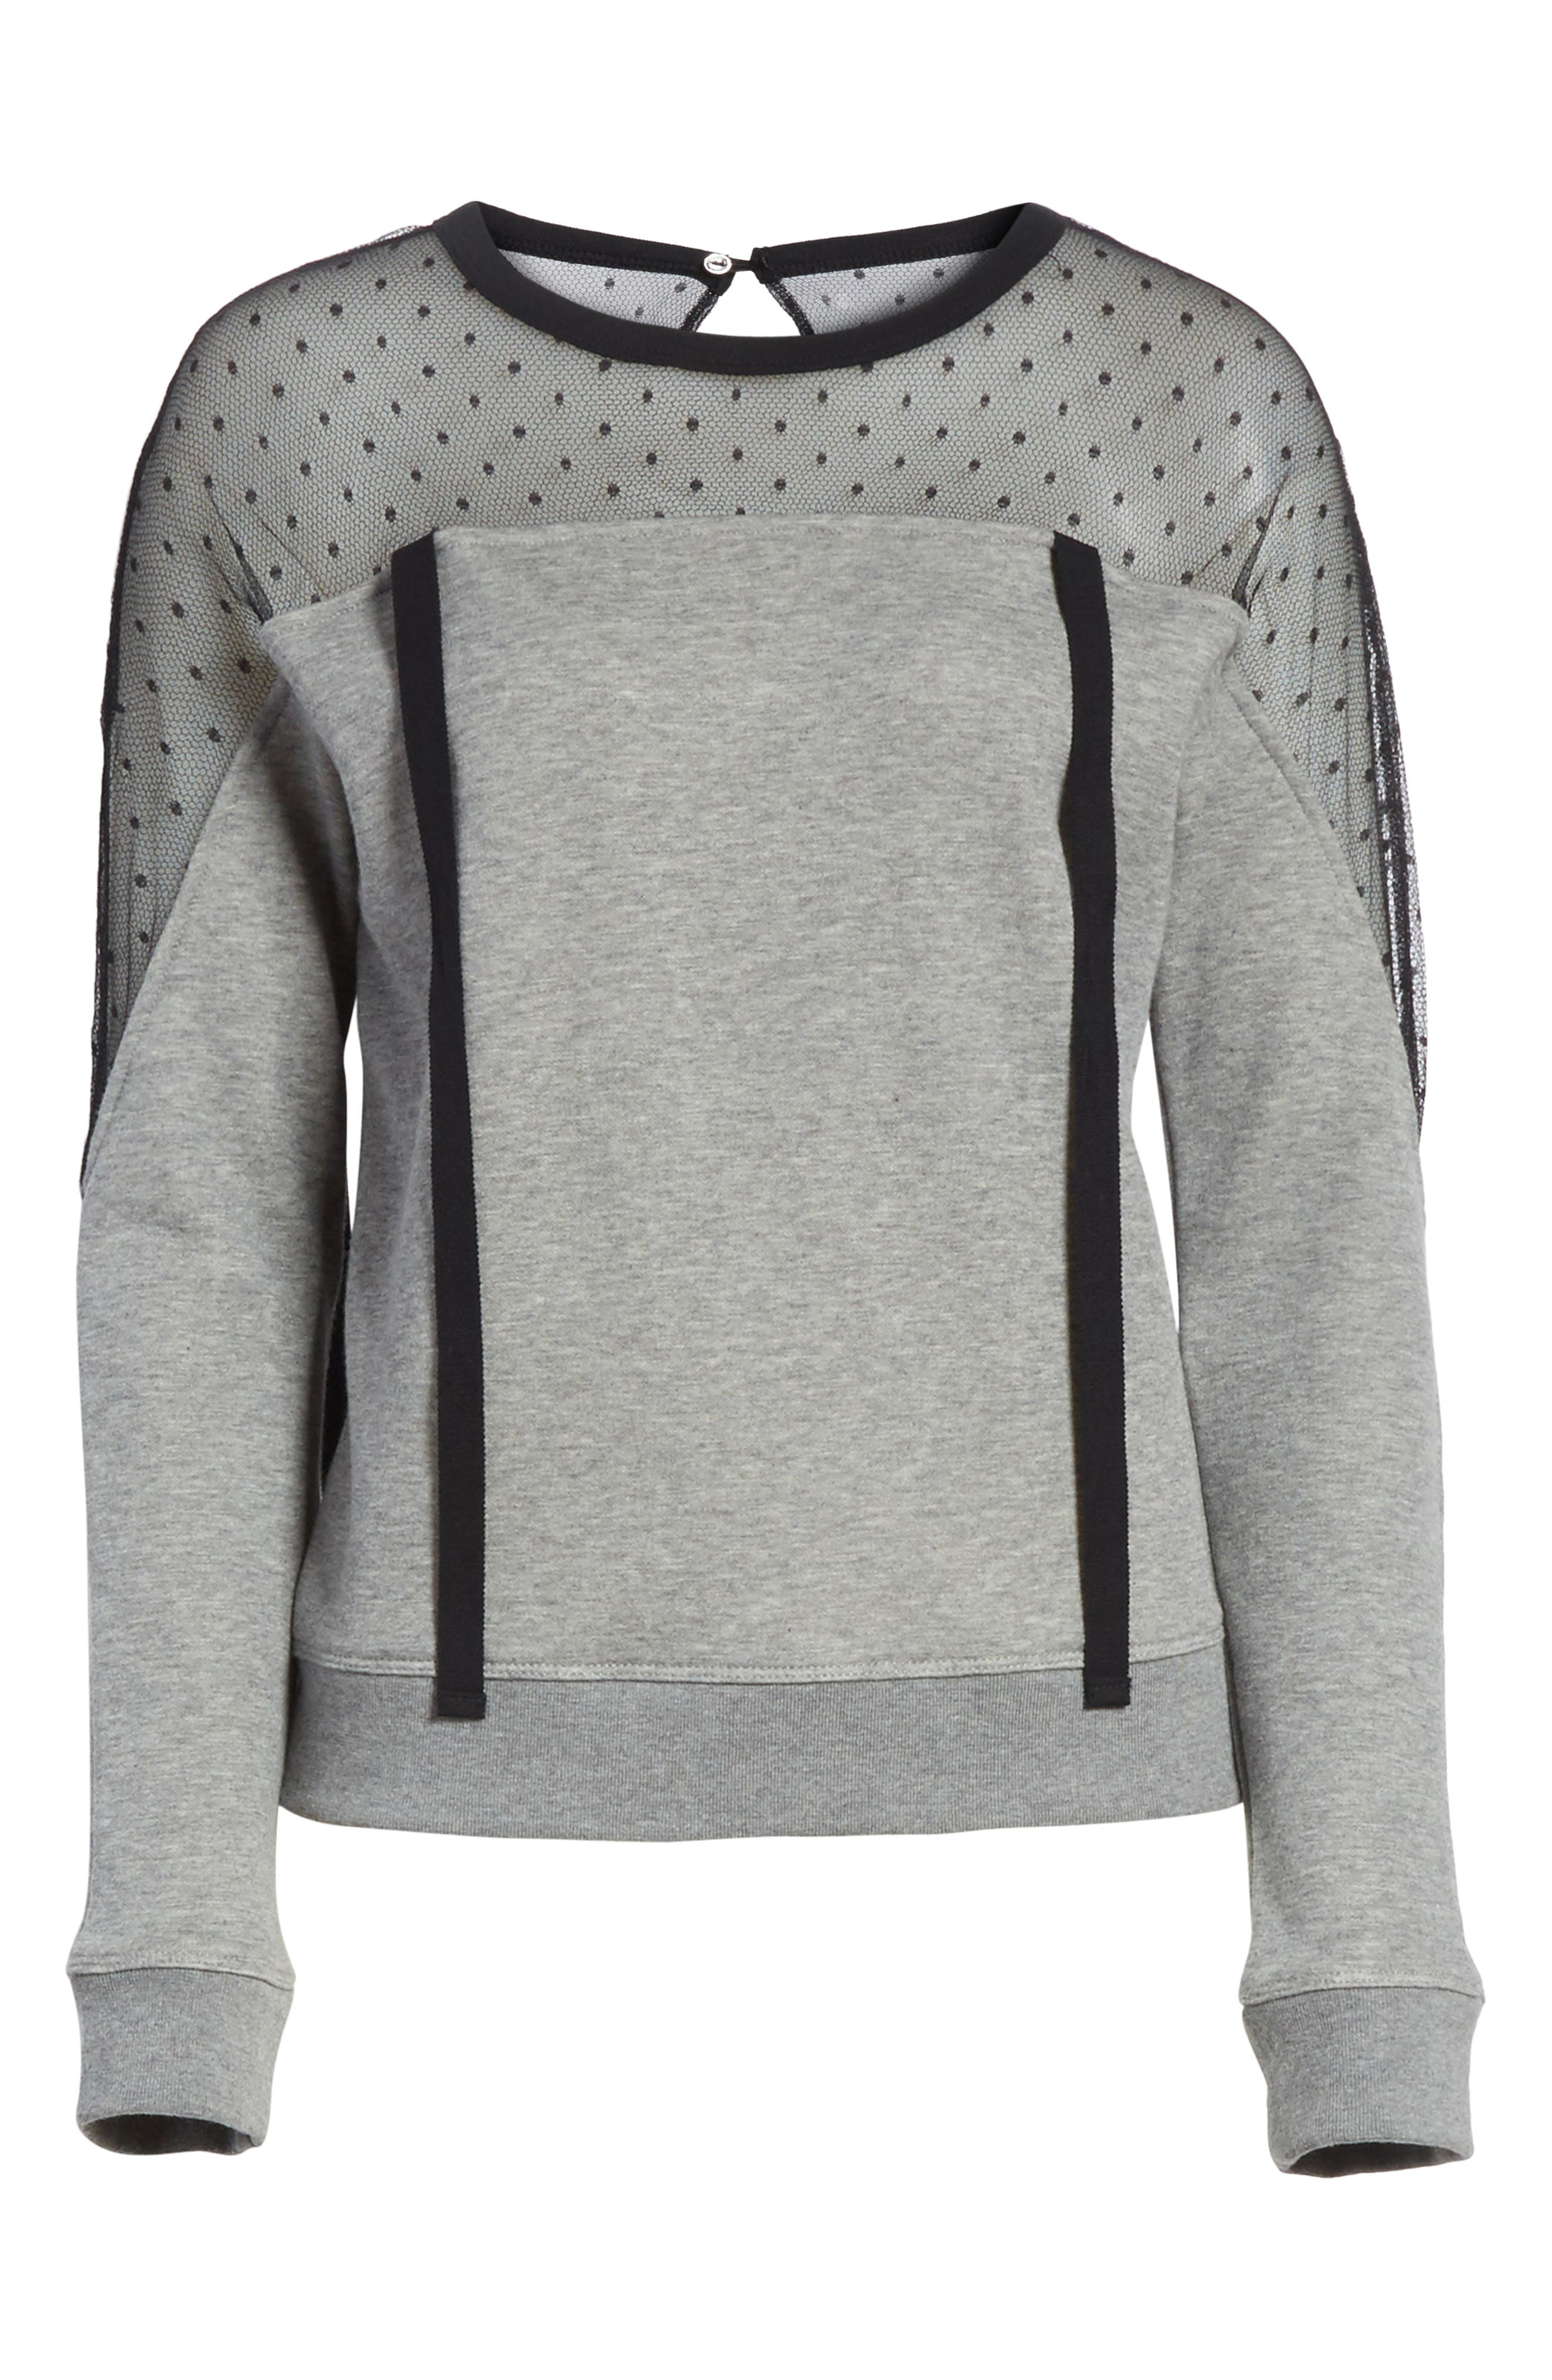 Point D'esprit Sweatshirt,                             Alternate thumbnail 6, color,                             Grey